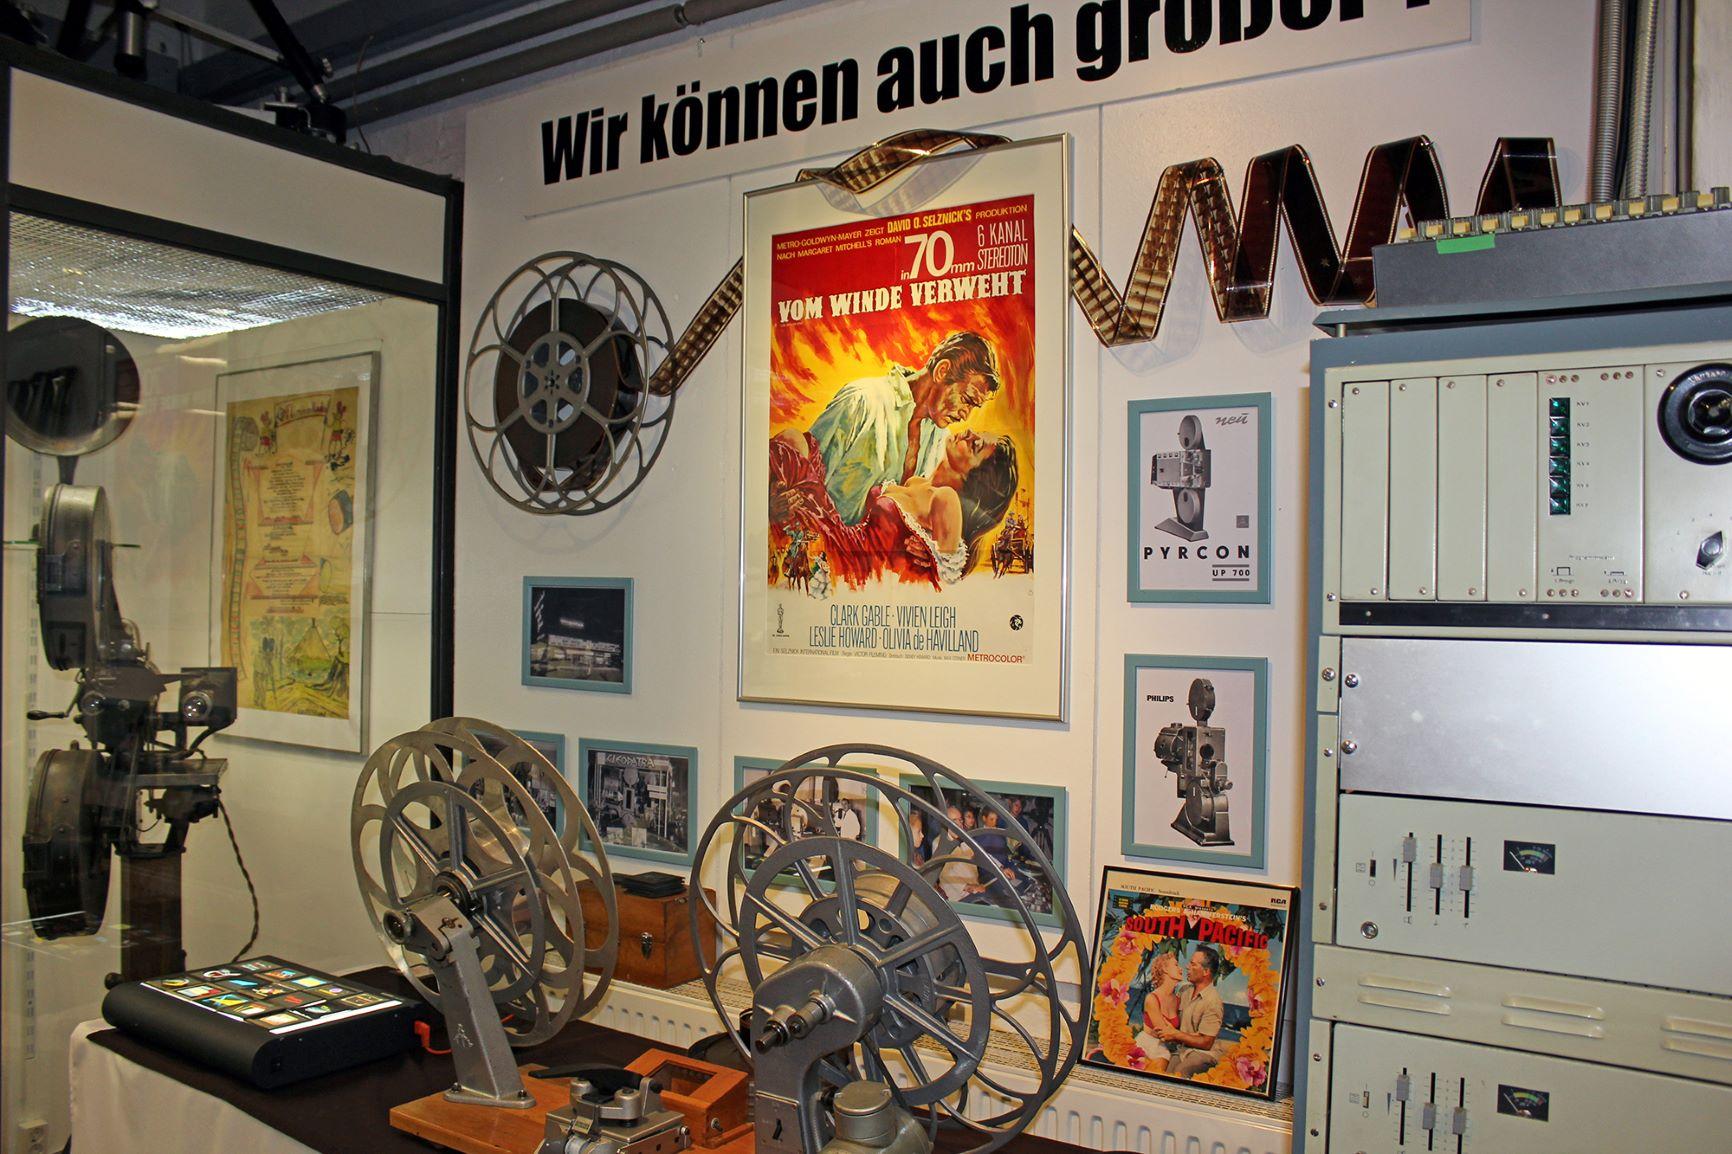 Kinomusuem Filmplakat.JPG